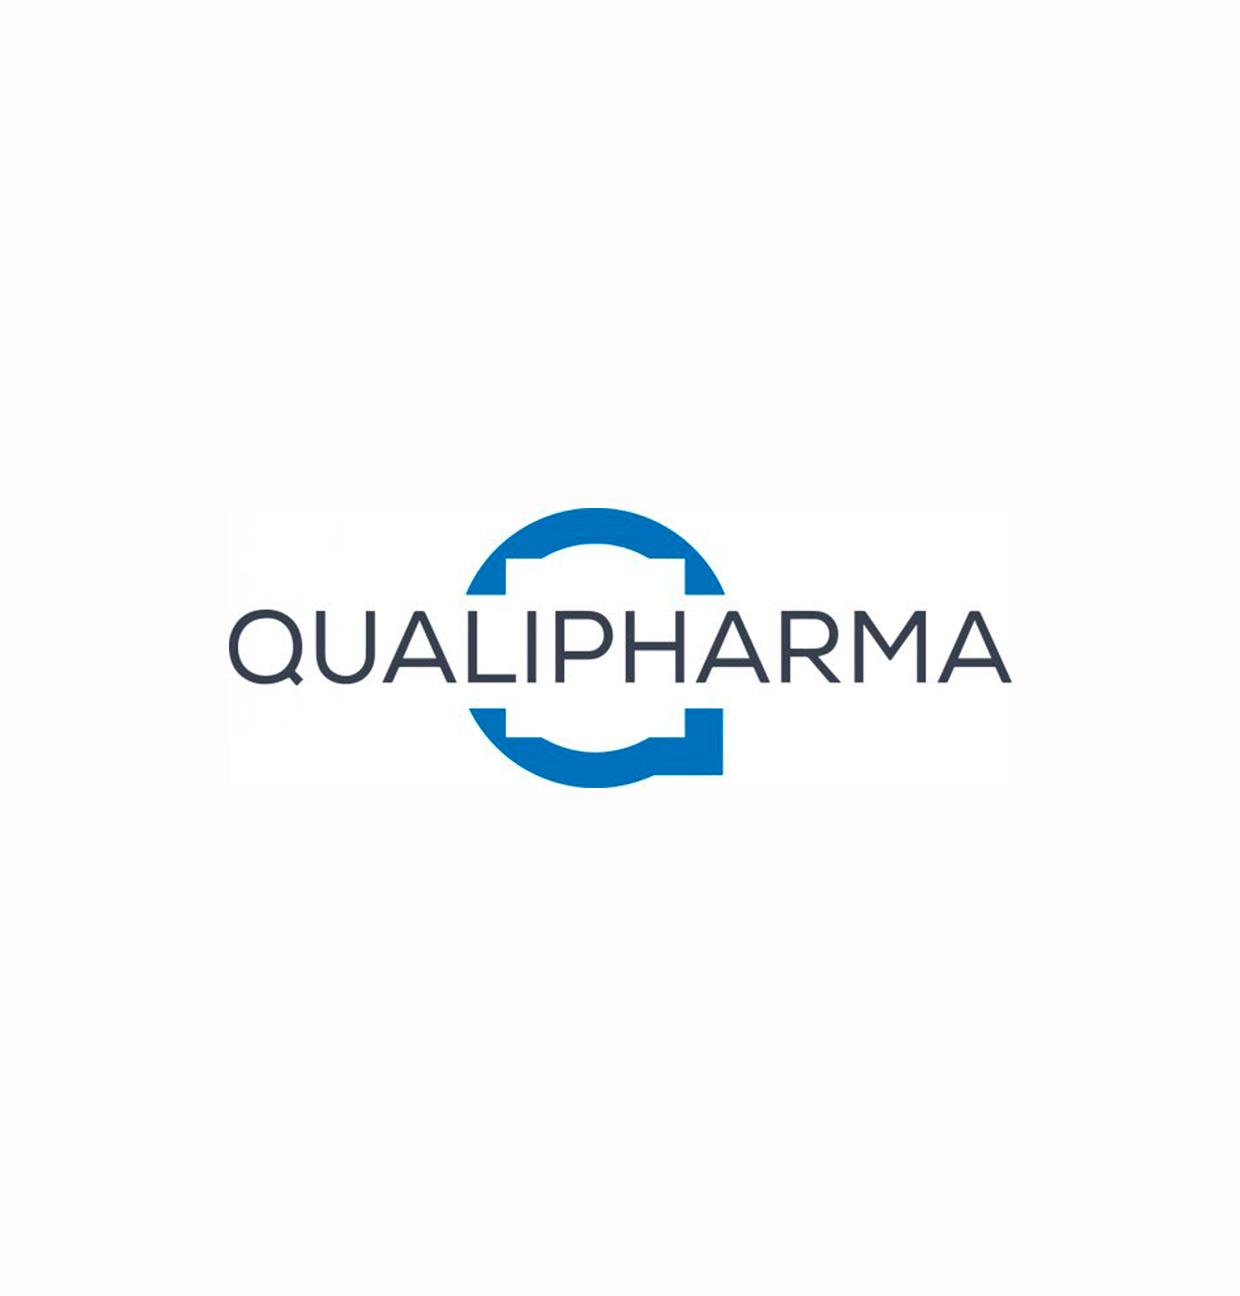 Qualipharma_logo_web_2